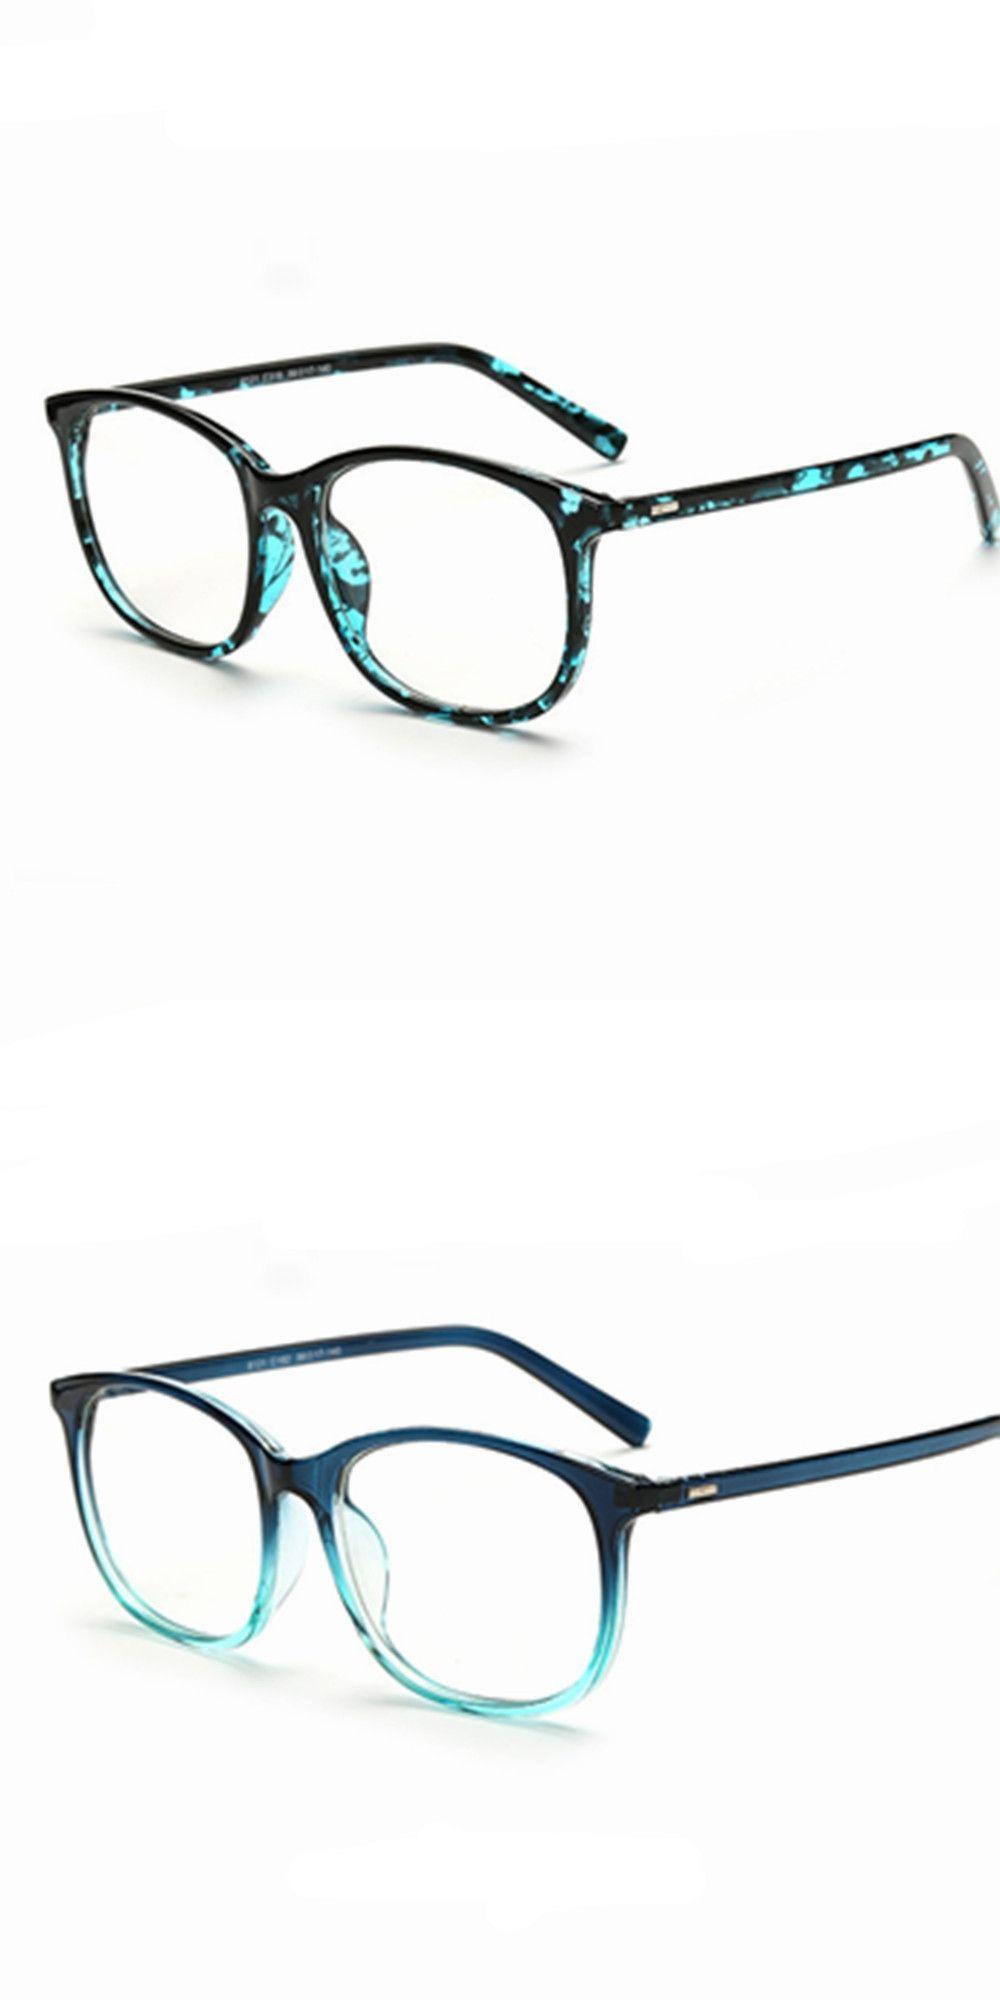 a7ec773cf8 fashion brand Eyeglasses Frame Brand Women Fashion Men Optical eye glasses  Frame Eyewear Oculos De Grau